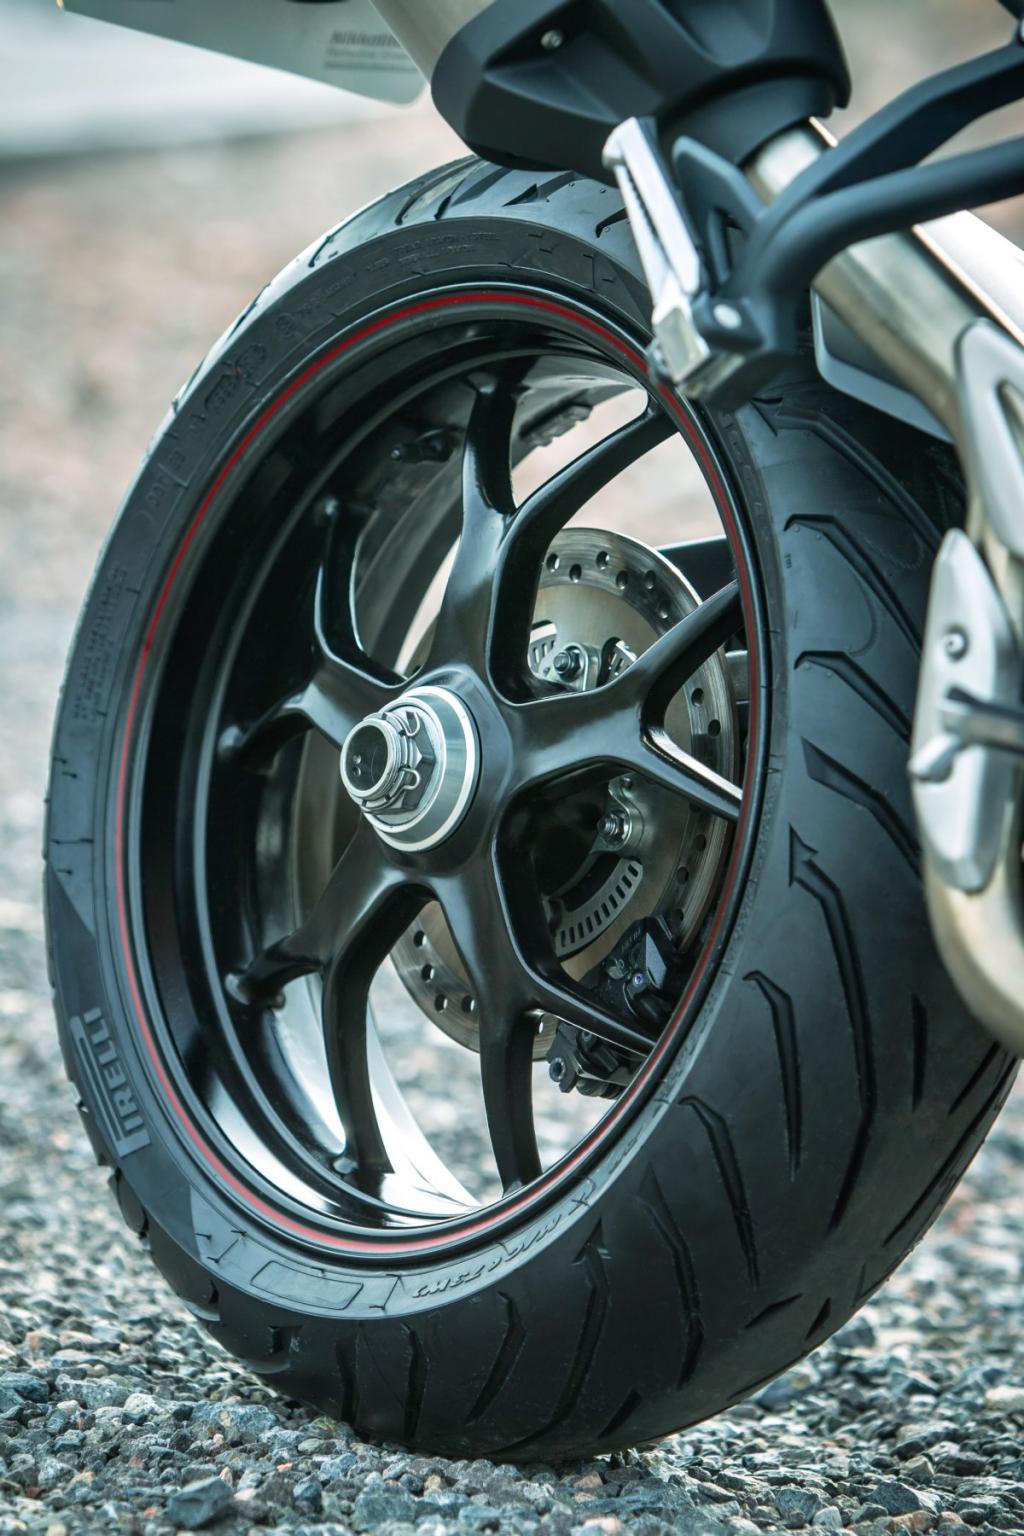 http://www.motorrad-bilder.at/slideshows/291/008935/1.jpg